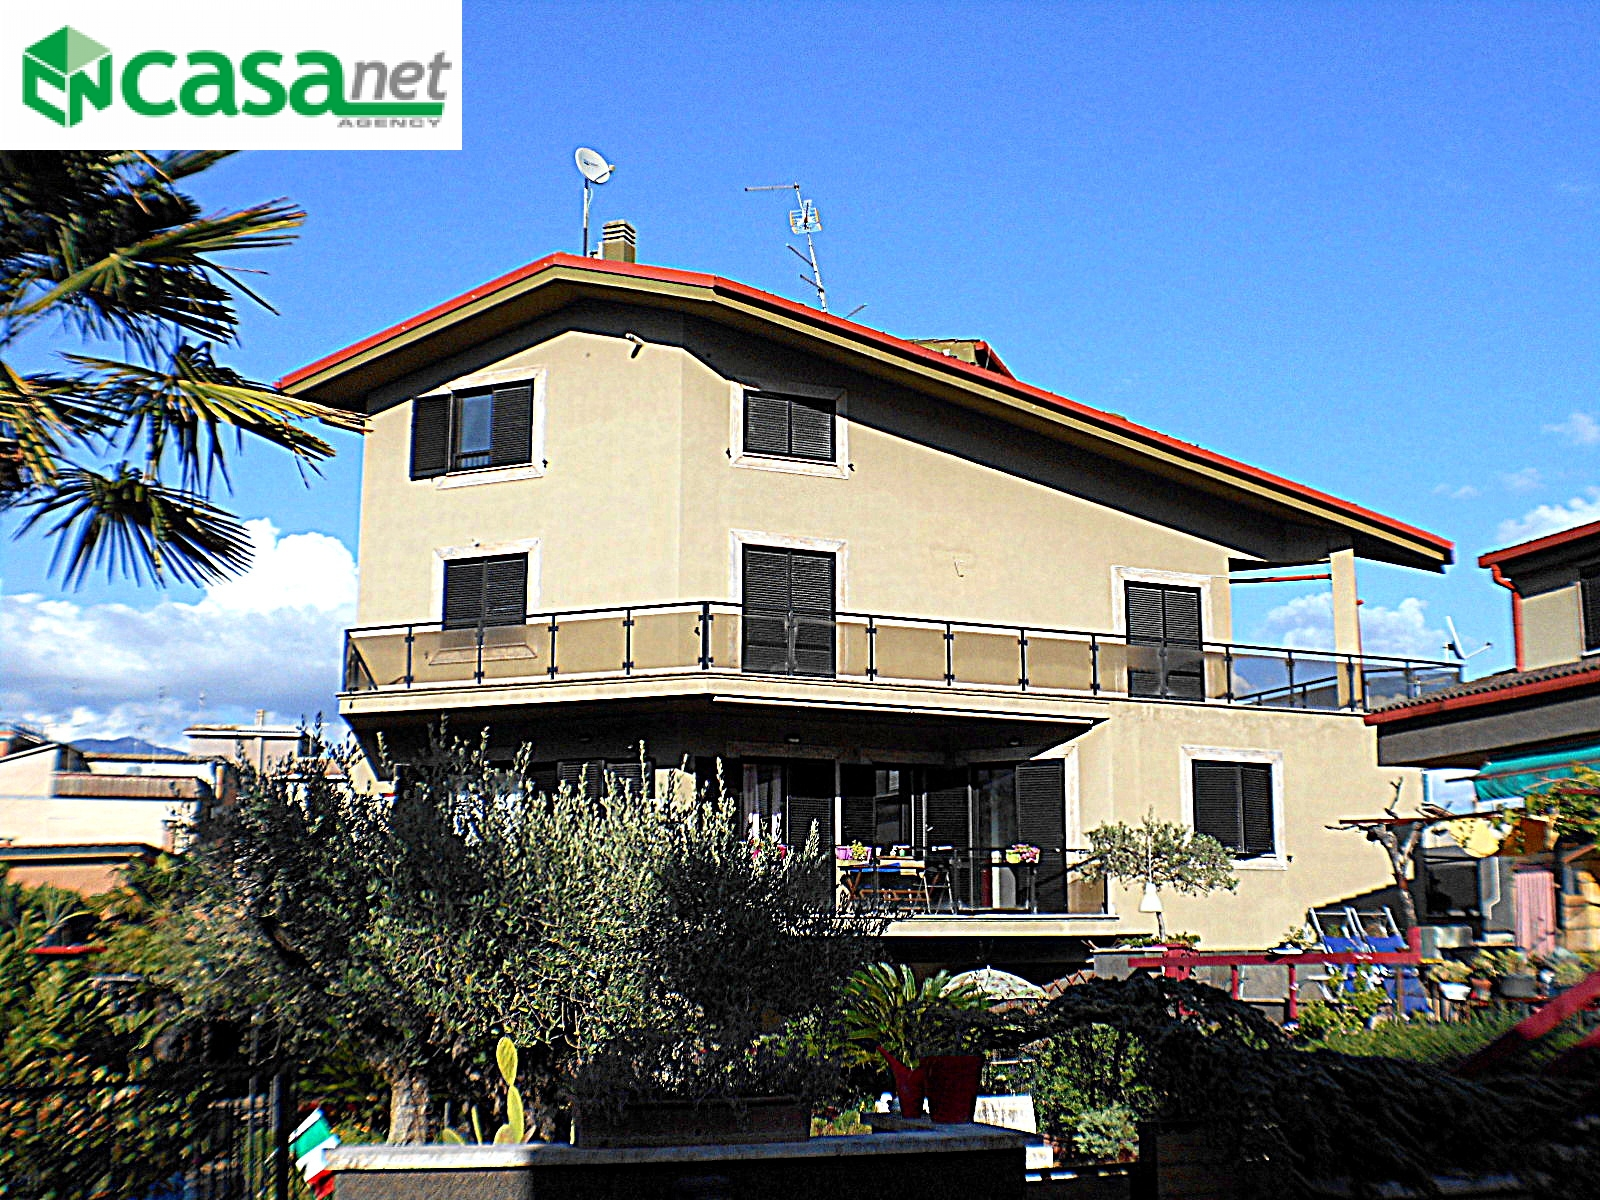 Appartamento in affitto a Guidonia Montecelio, 2 locali, zona Zona: Guidonia, prezzo € 500   CambioCasa.it